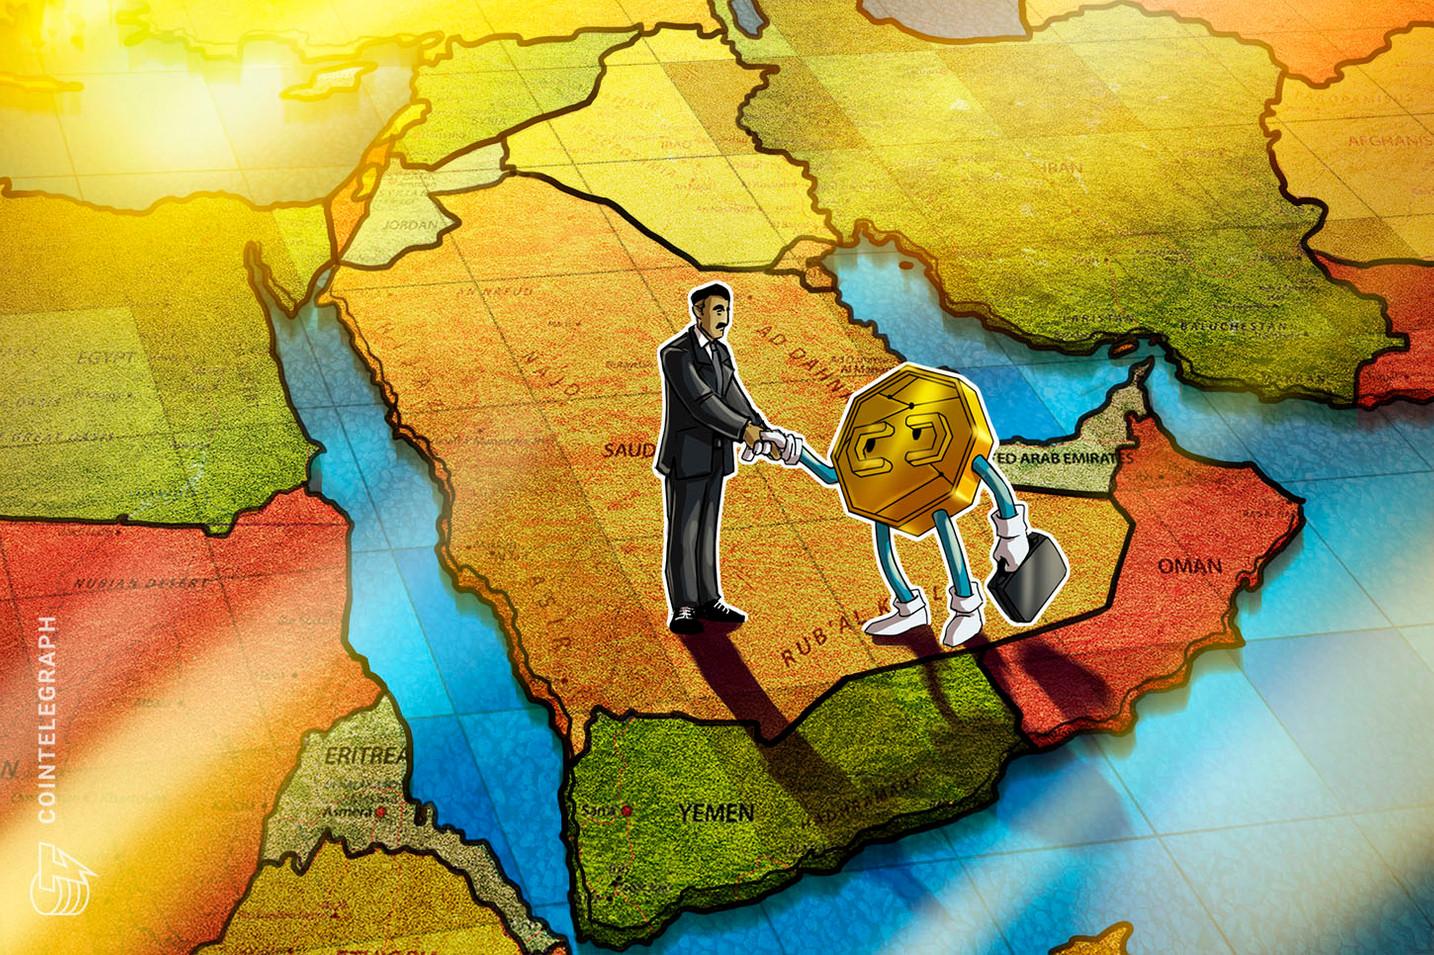 Centralne banke UAE i Saudijske Arabije razvijaju zajedničku kriptovalutu za međubankarske transakcije